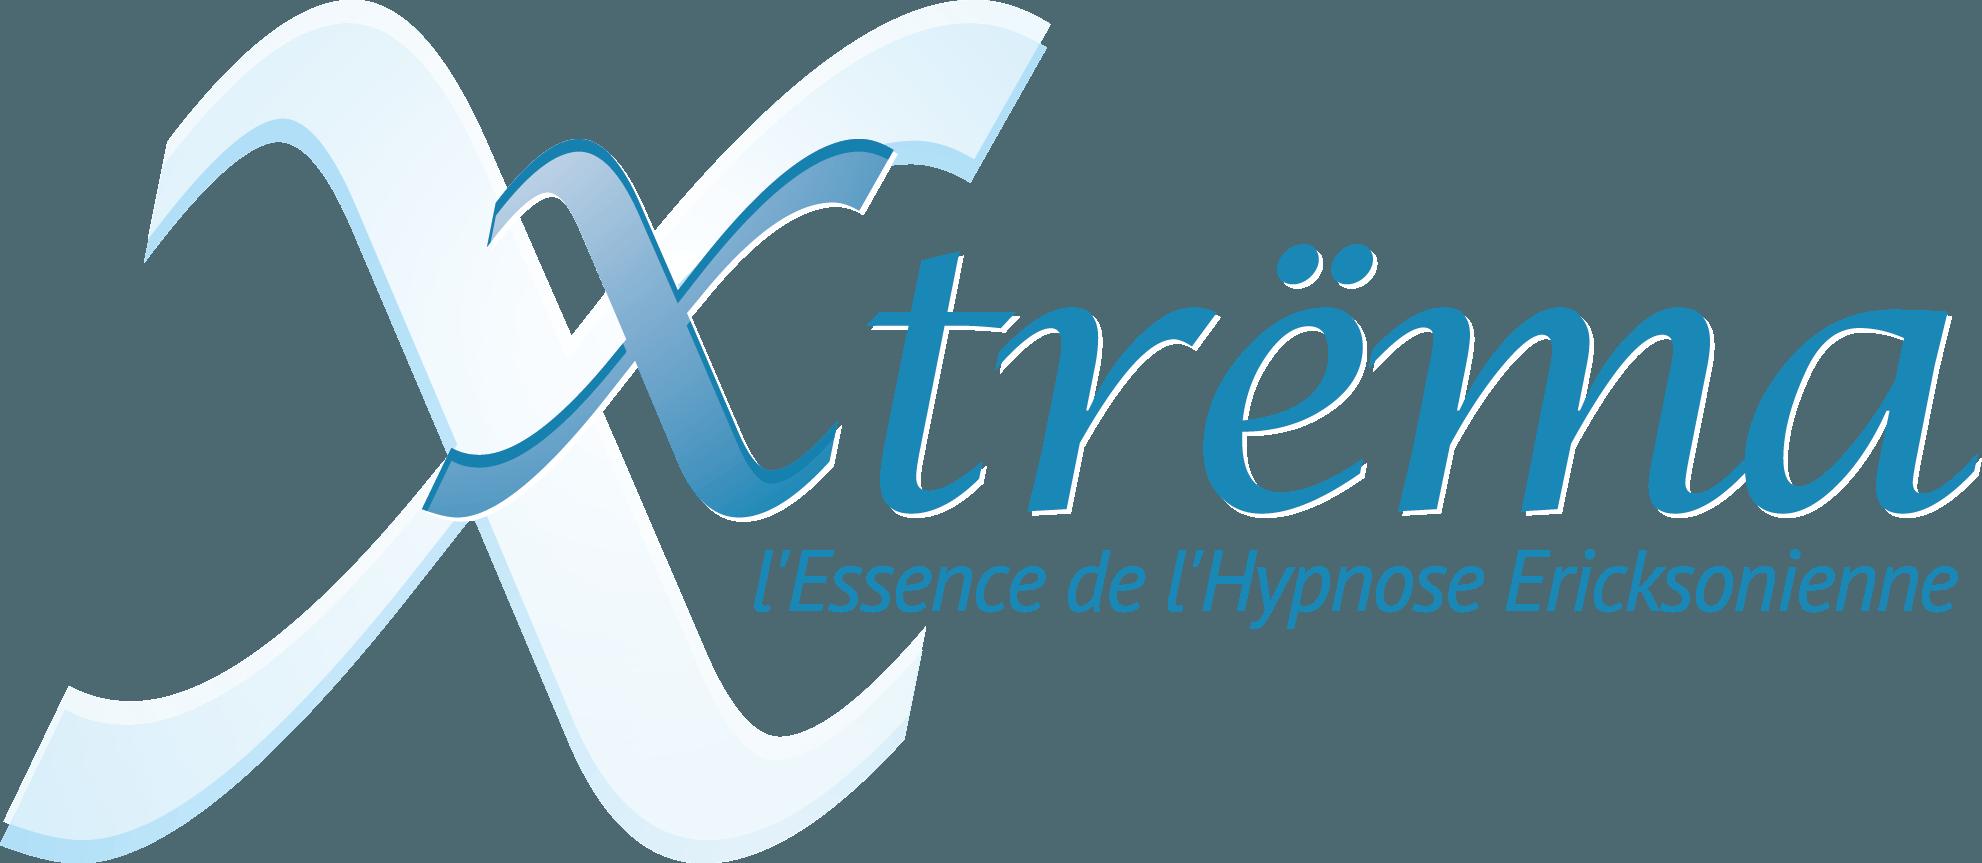 Formation Hypnose Ericksonienne